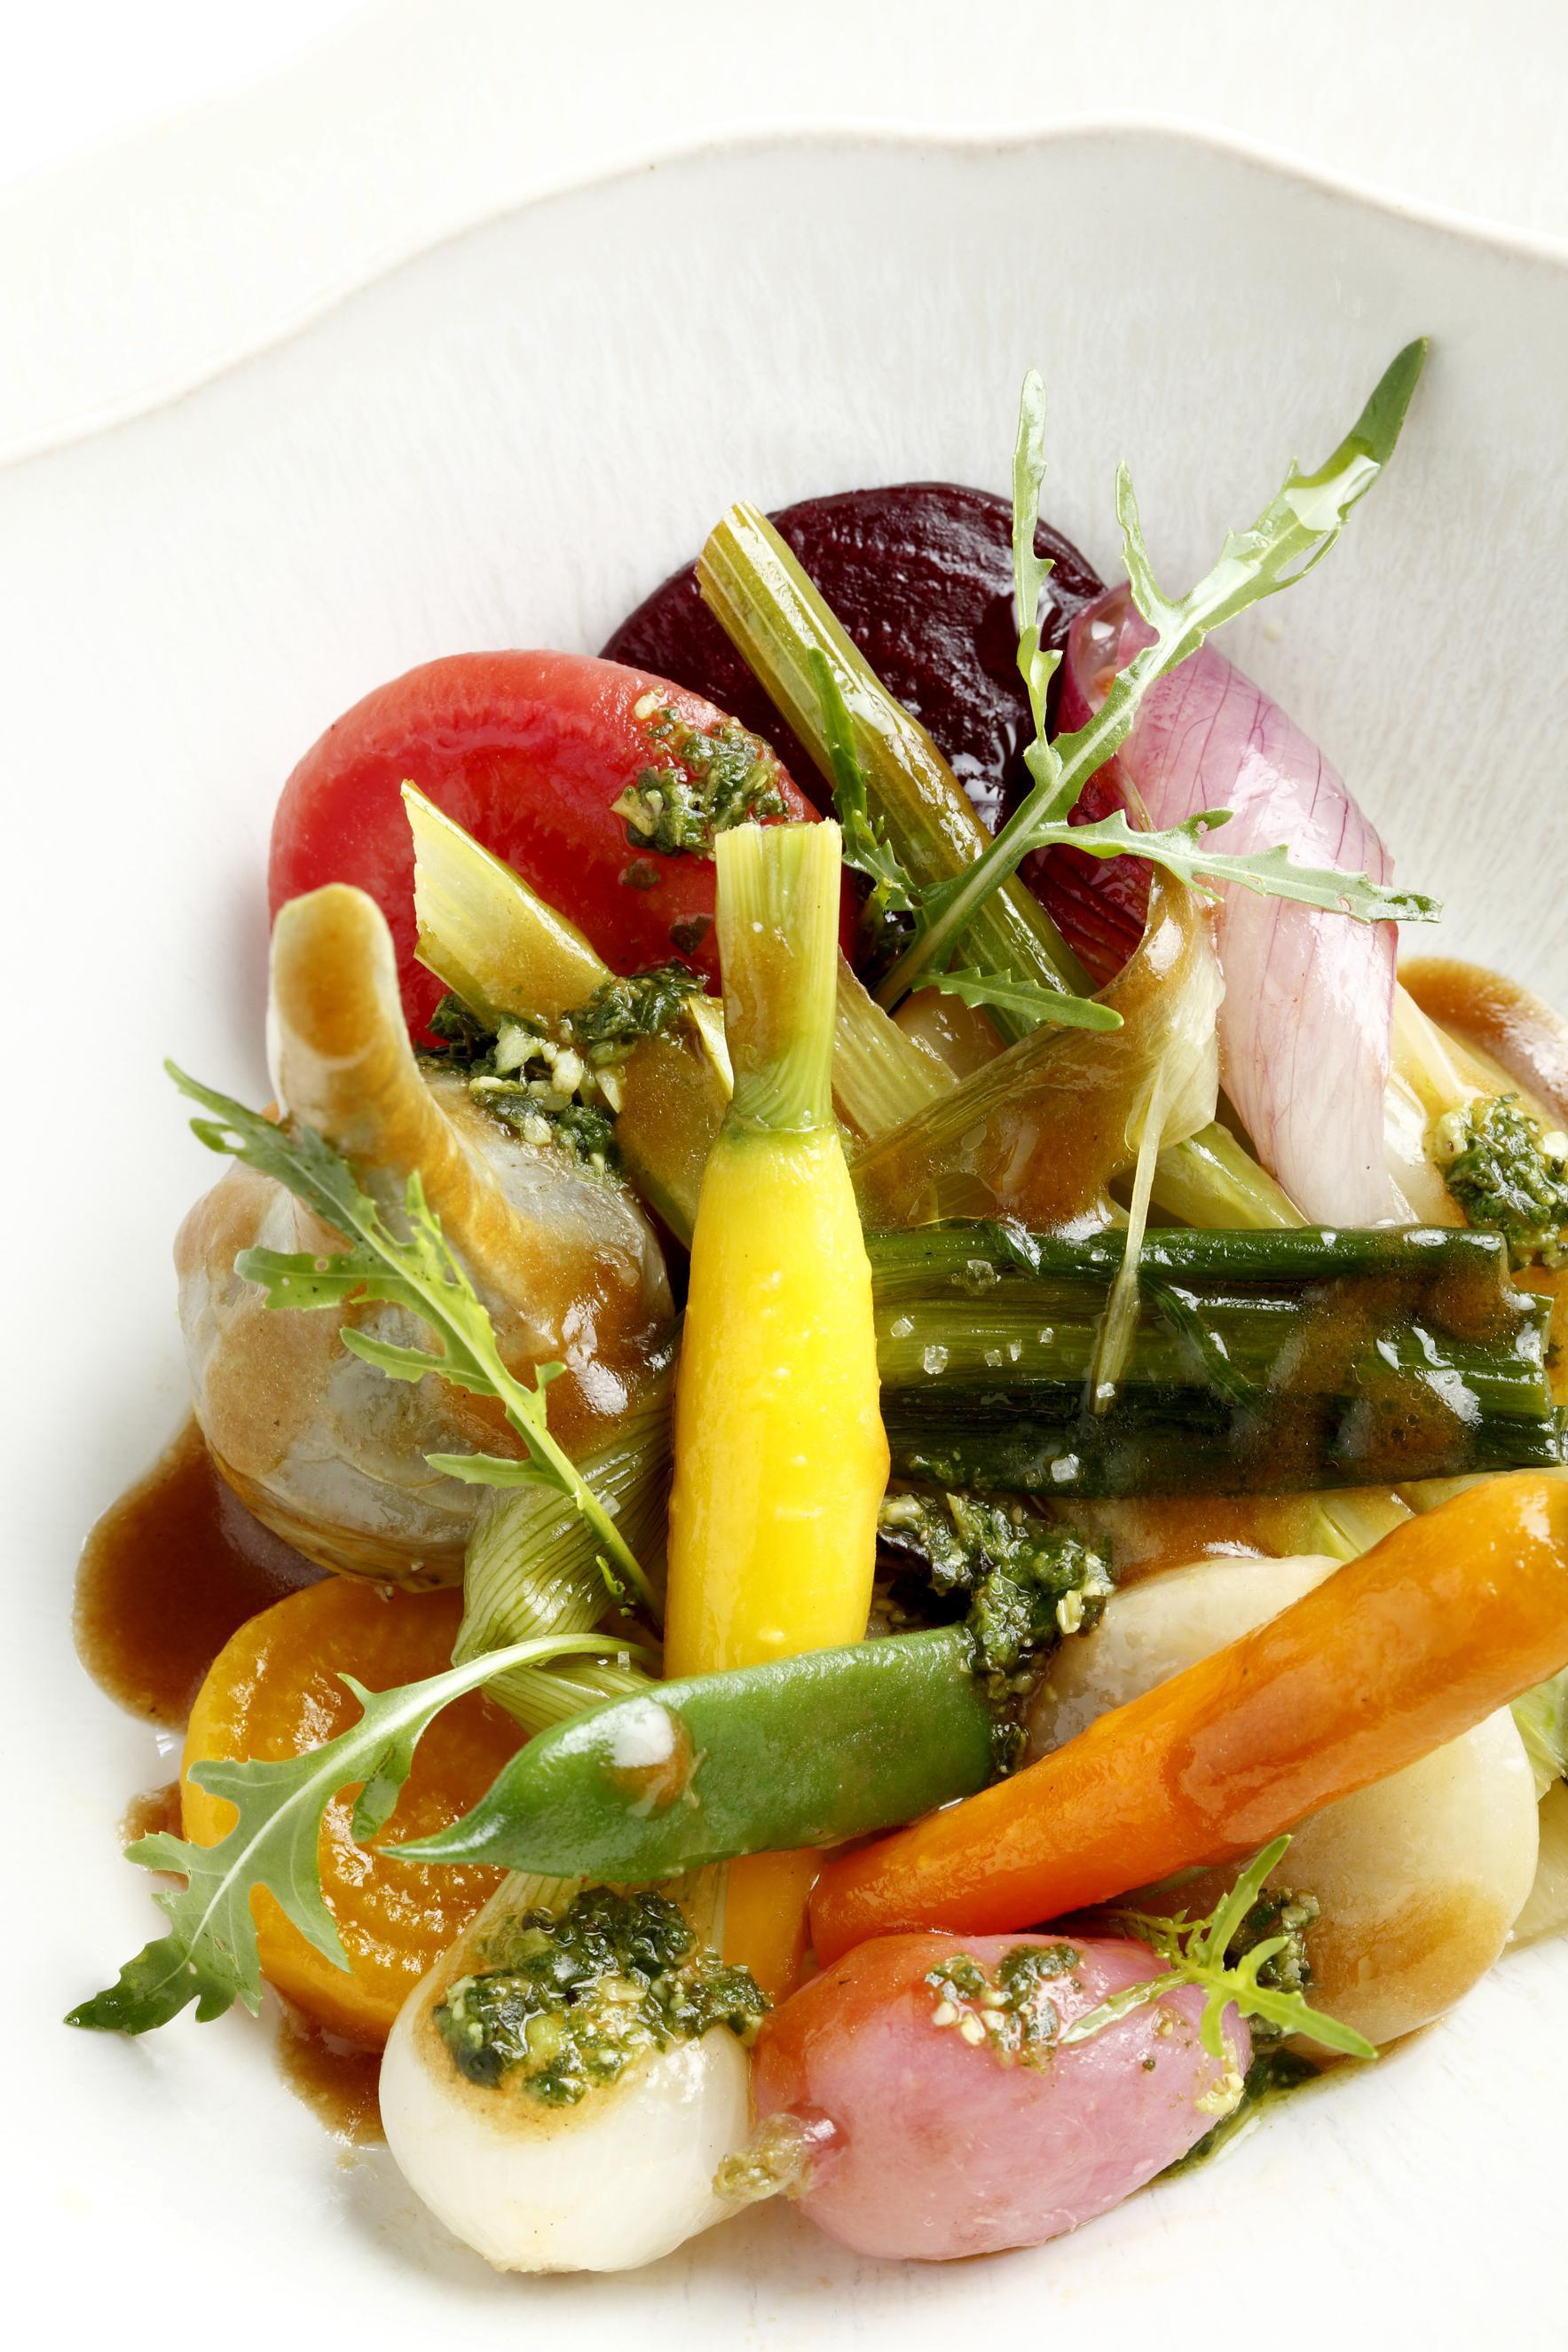 gourmet in den private selection wellnesshotels - Hotels Mit Glutenfreier Küche Auf Mallorca